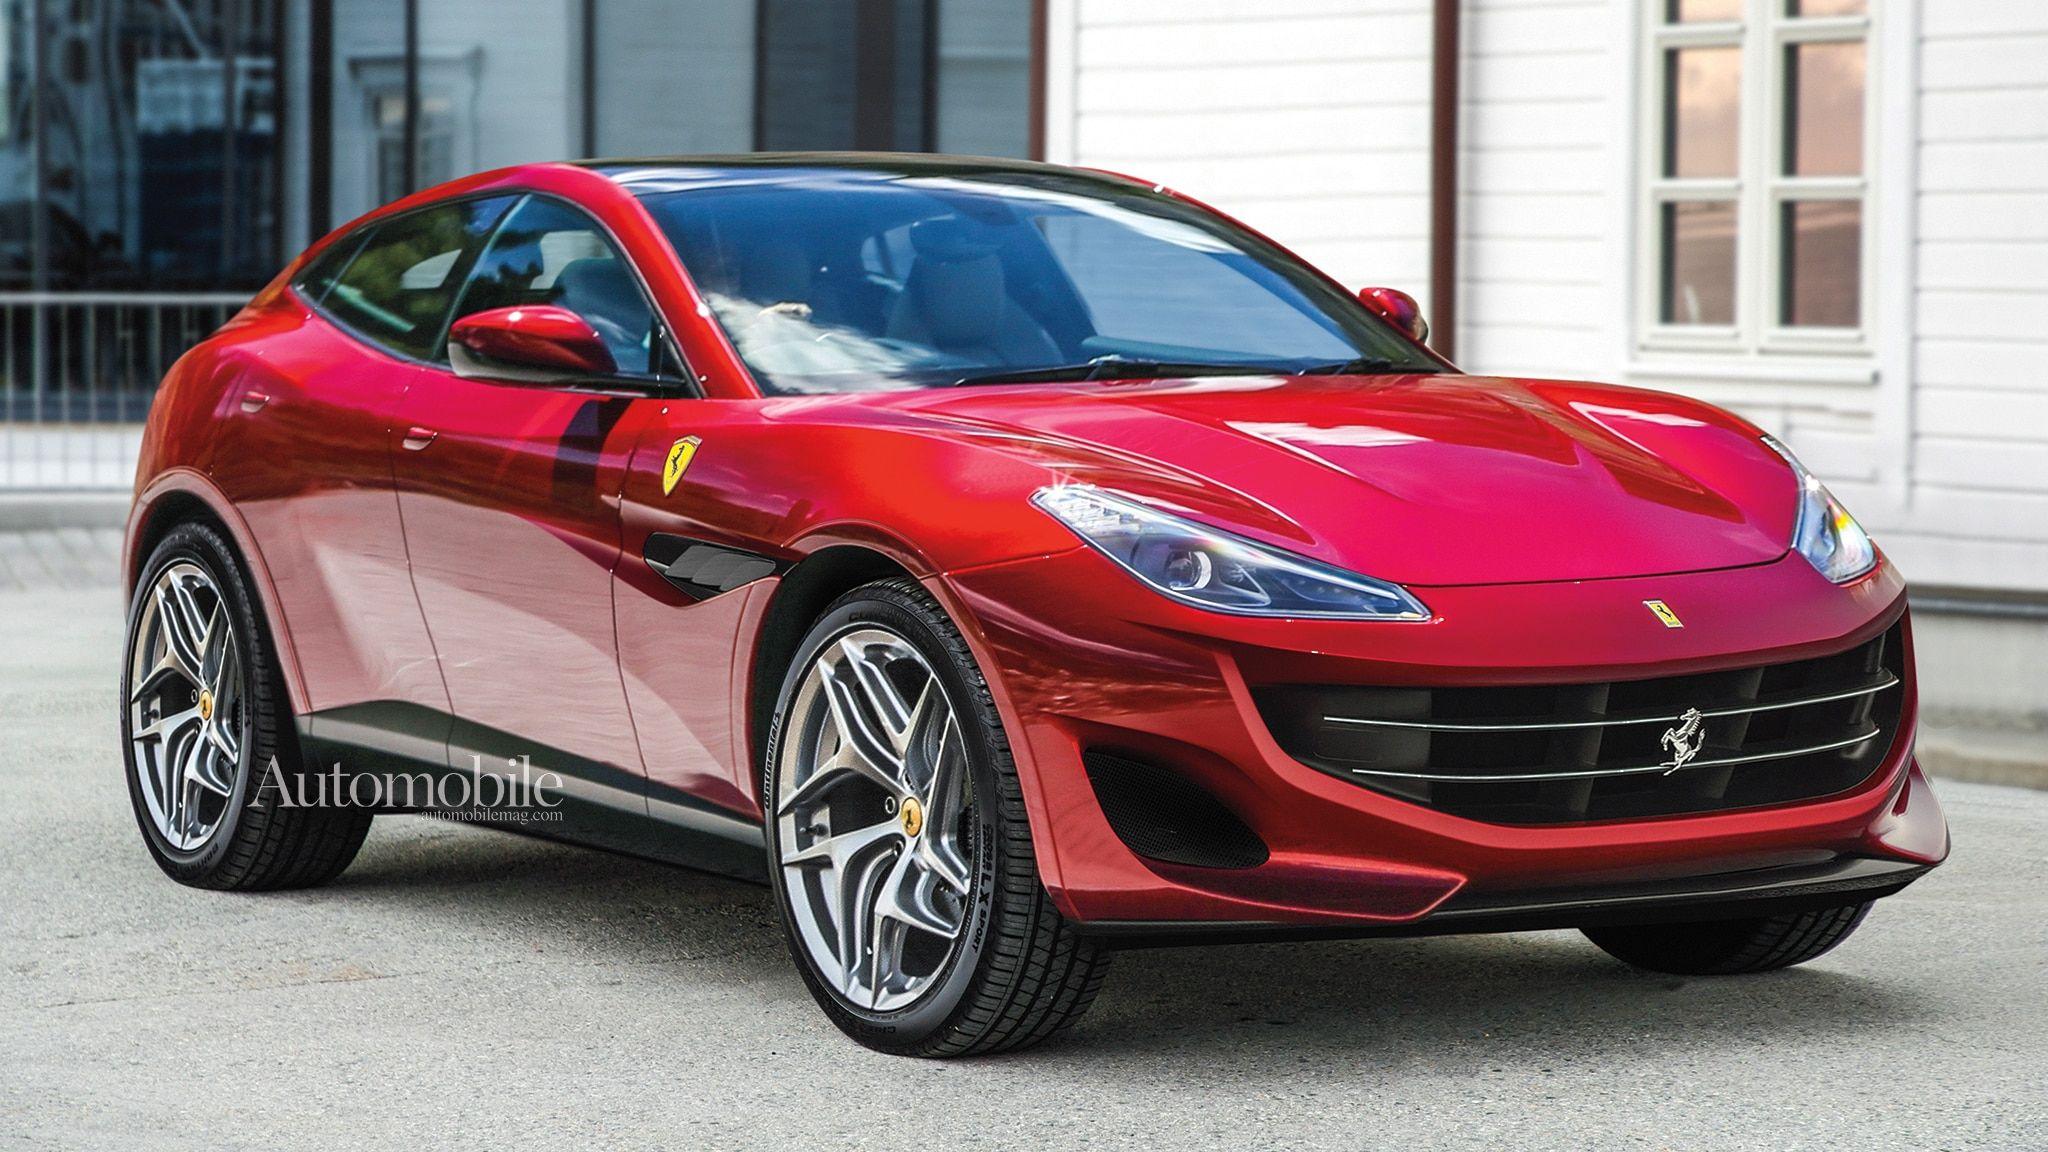 2022 Ferrari Purosangue Suv Renderings Rumors Automobile Magazine Motortrend New Ferrari Ferrari Ferrari Car